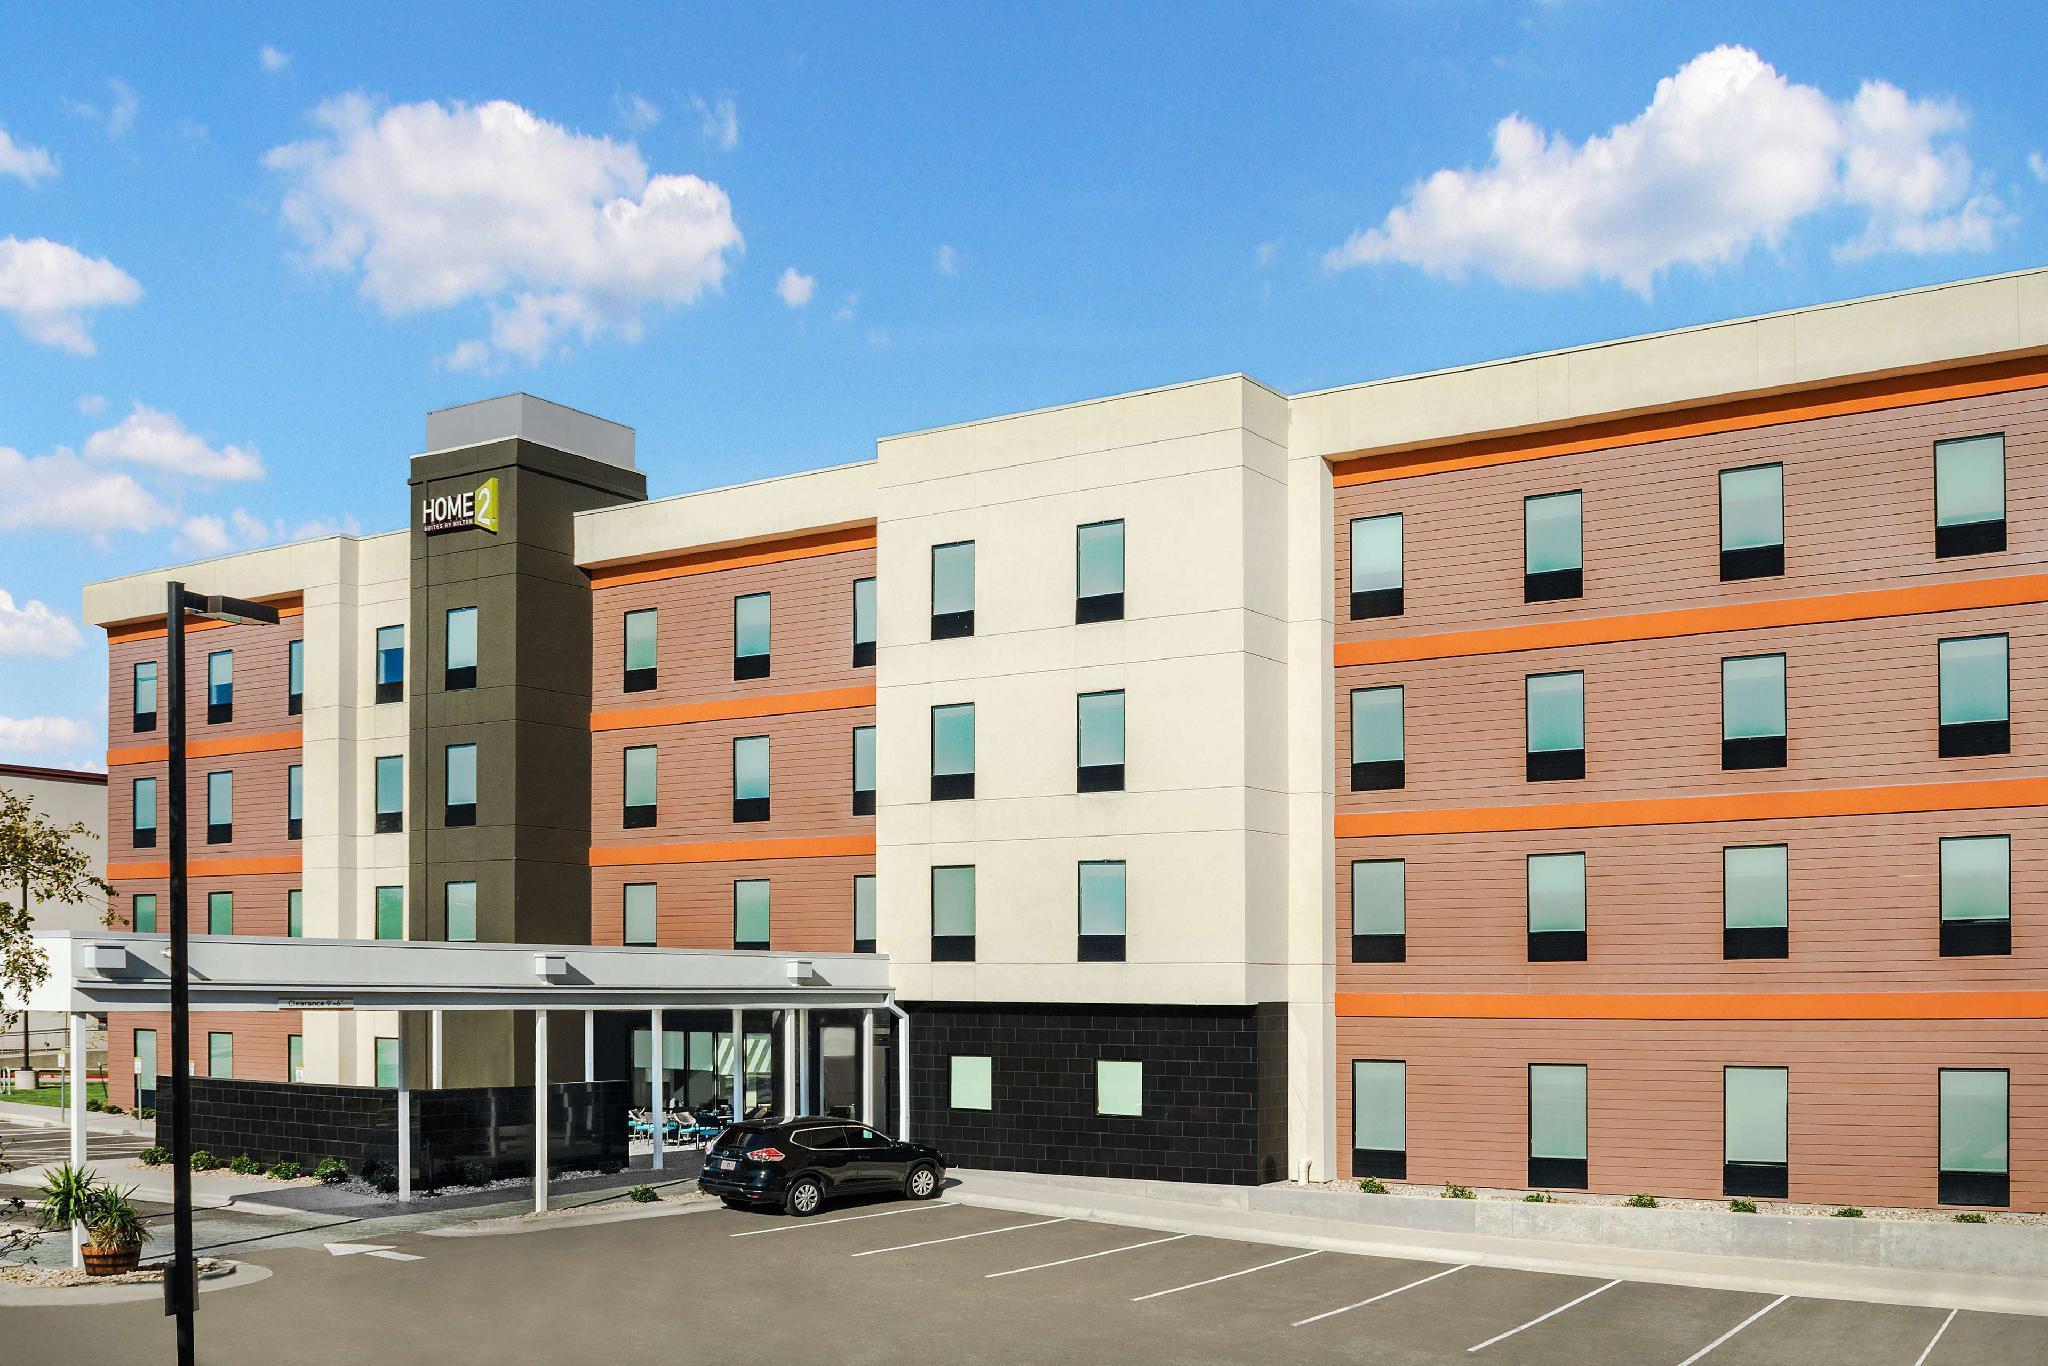 Home2 Suites By Hilton Austin Airport